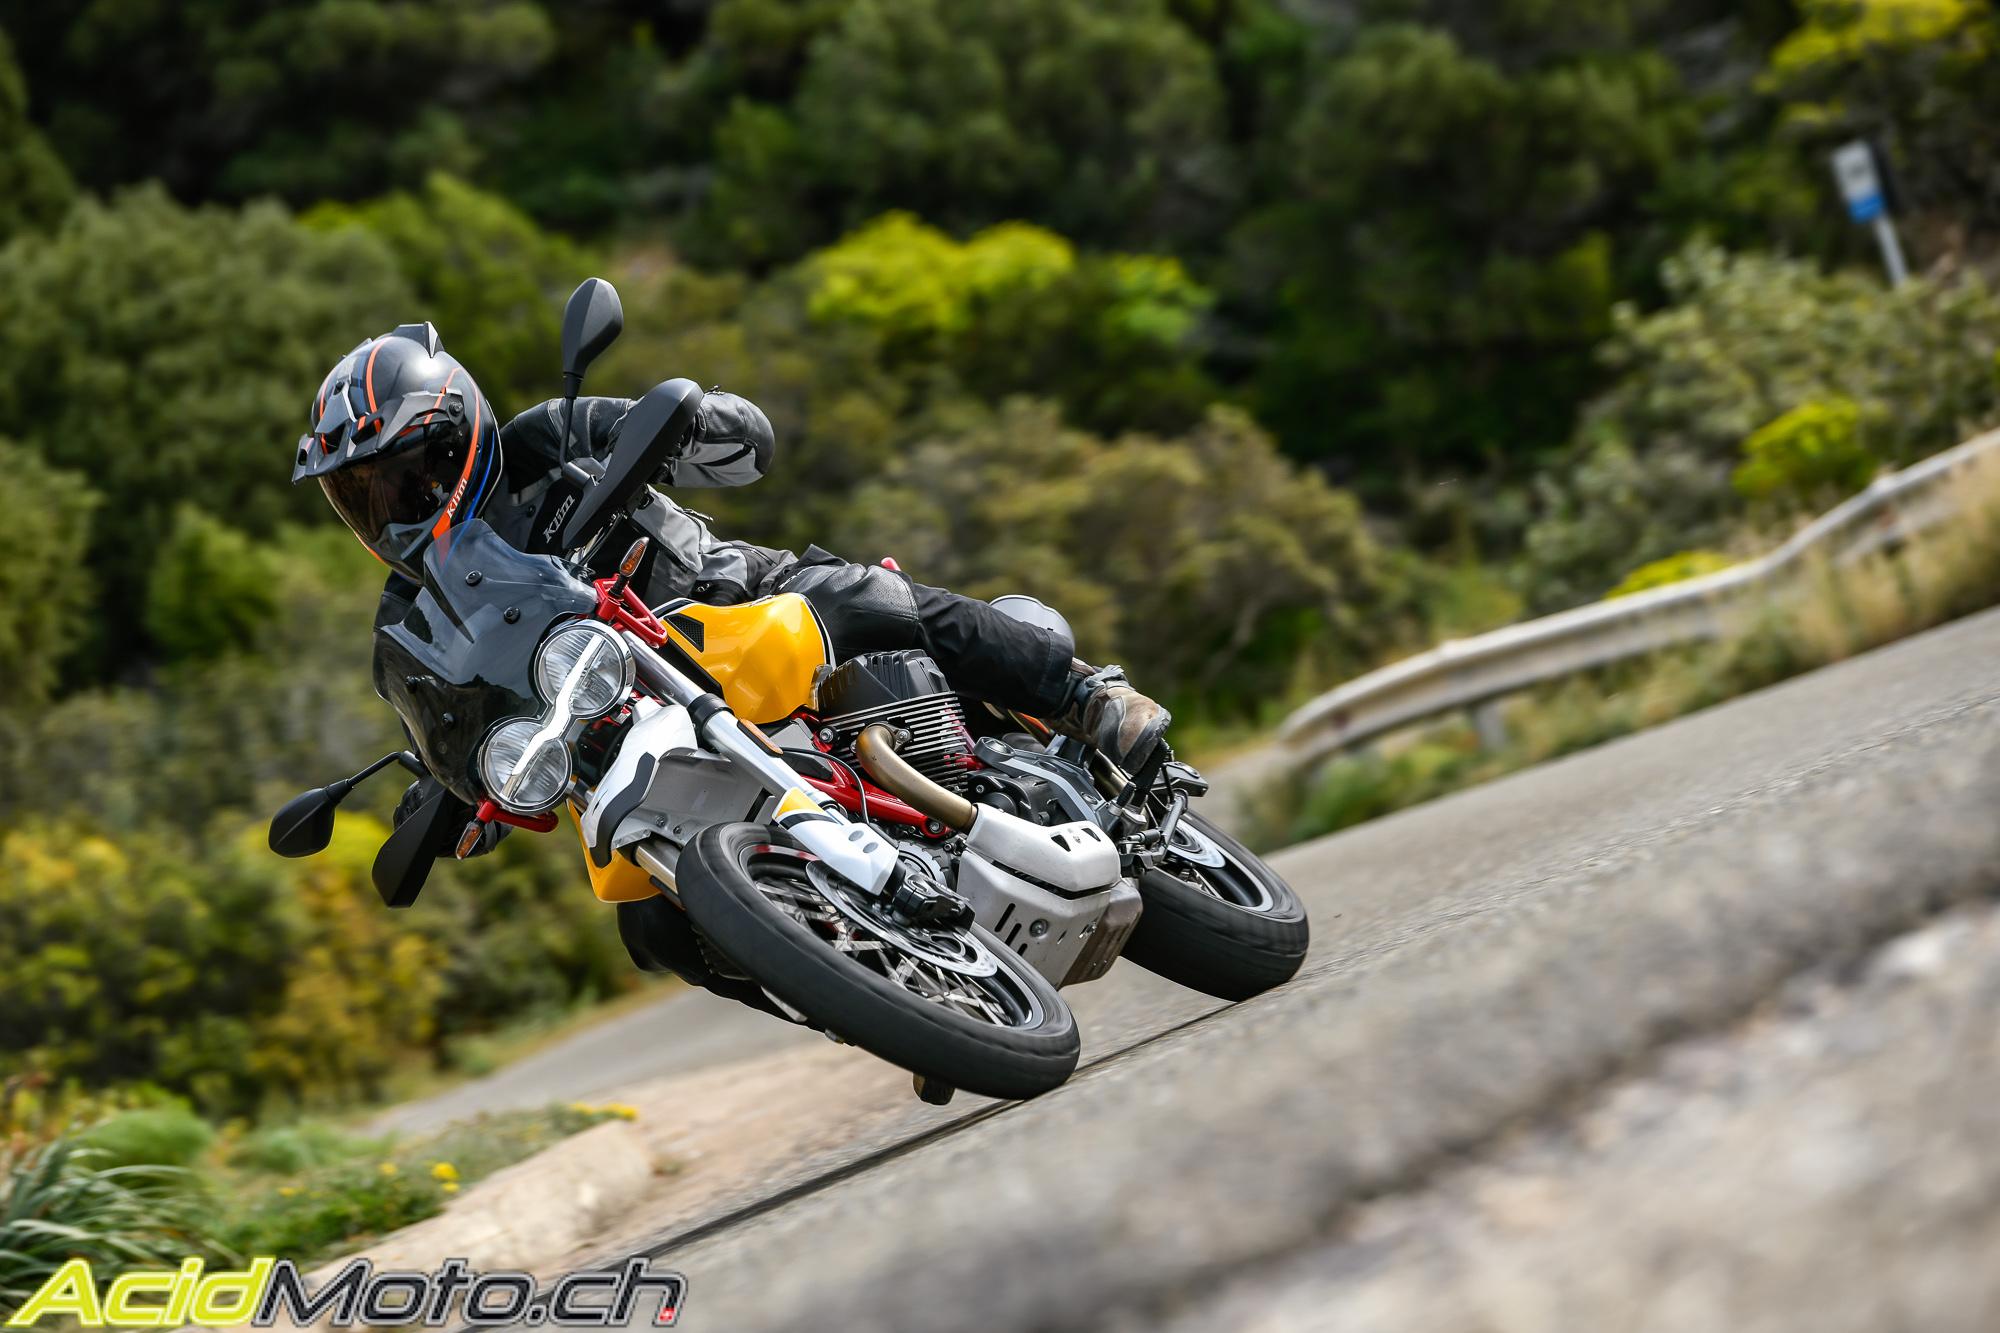 Le retour du trail chez Moto Guzzi : V 85 TT Guzziv85tt-31023